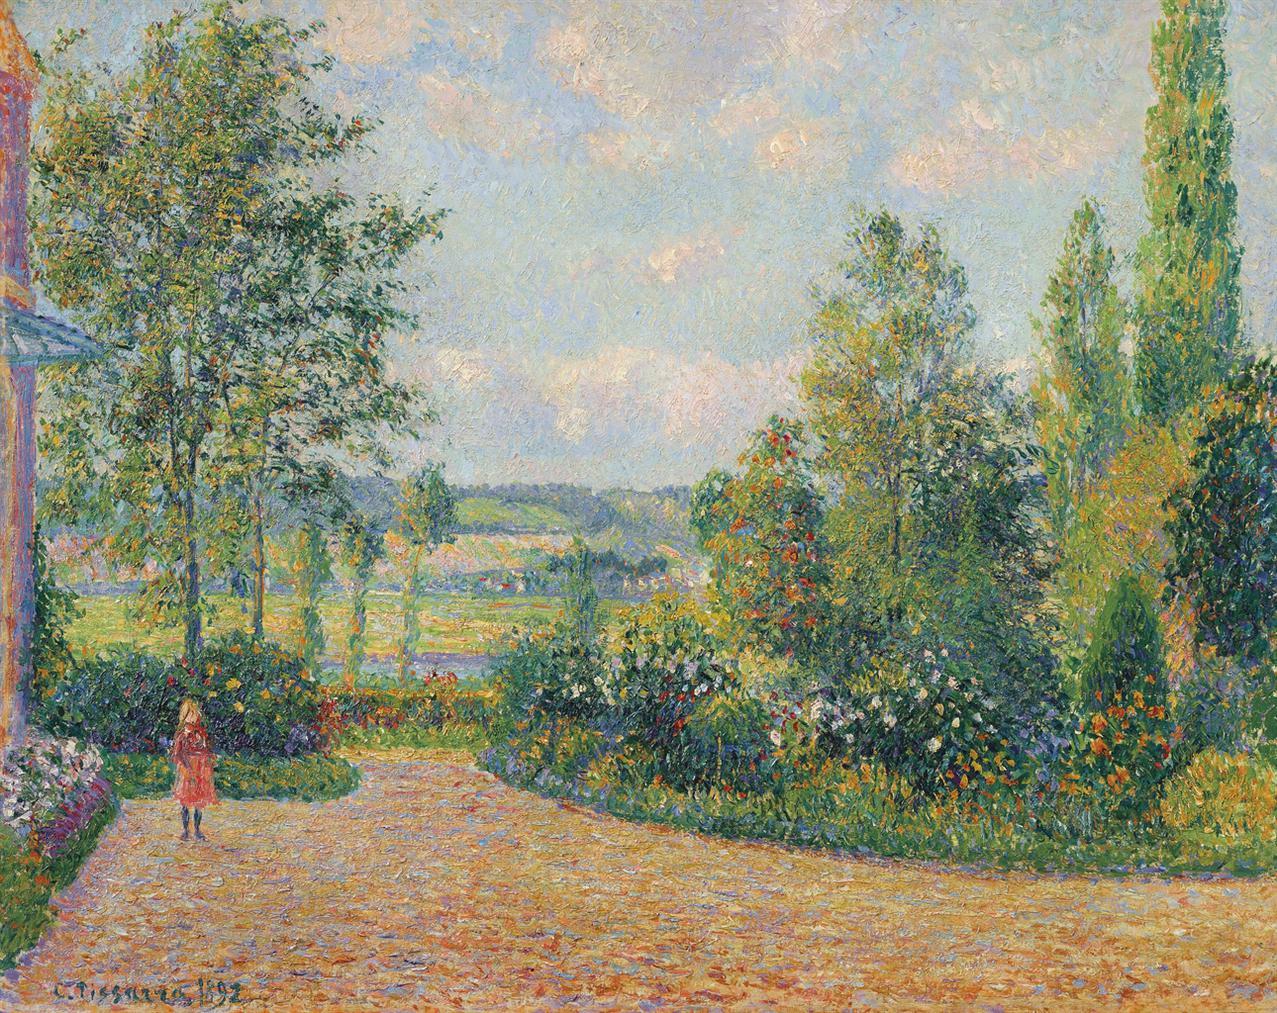 Camille Pissarro-Le Jardin Doctave Mirbeau, La Terrasse, Les Damps-1892